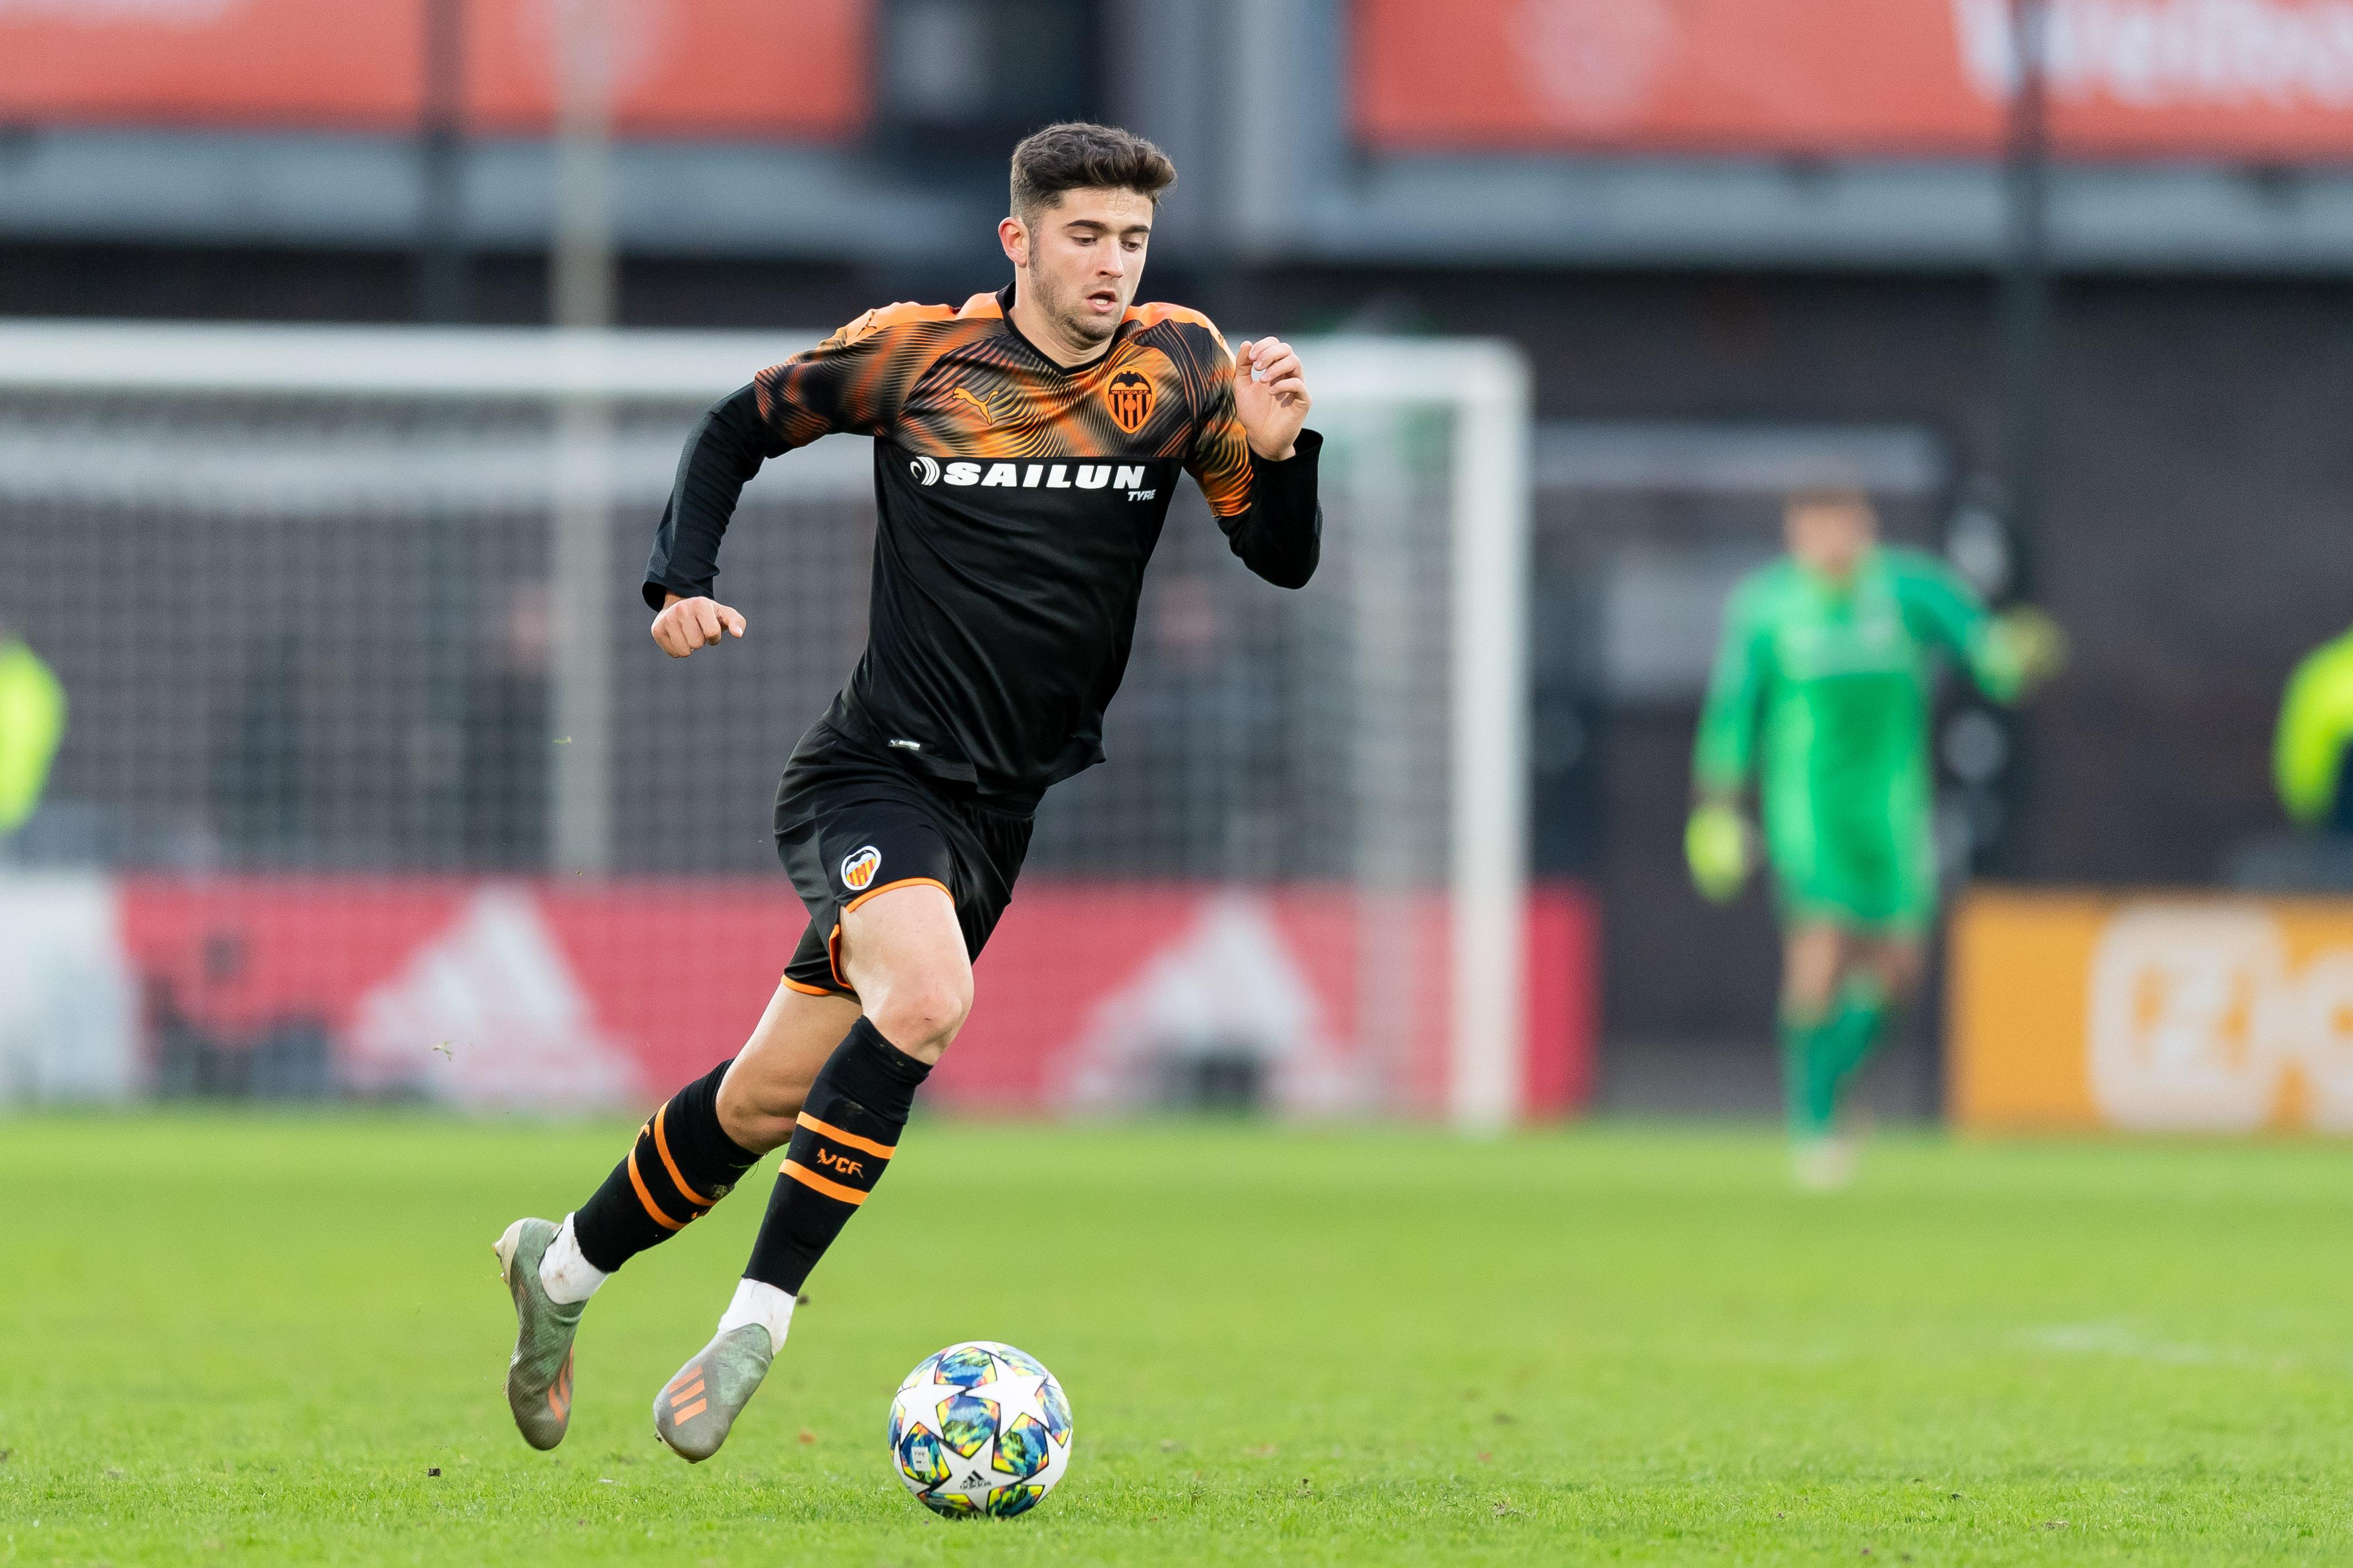 Ajax Amsterdam U19 v FC Valencia U19 - UEFA Youth League